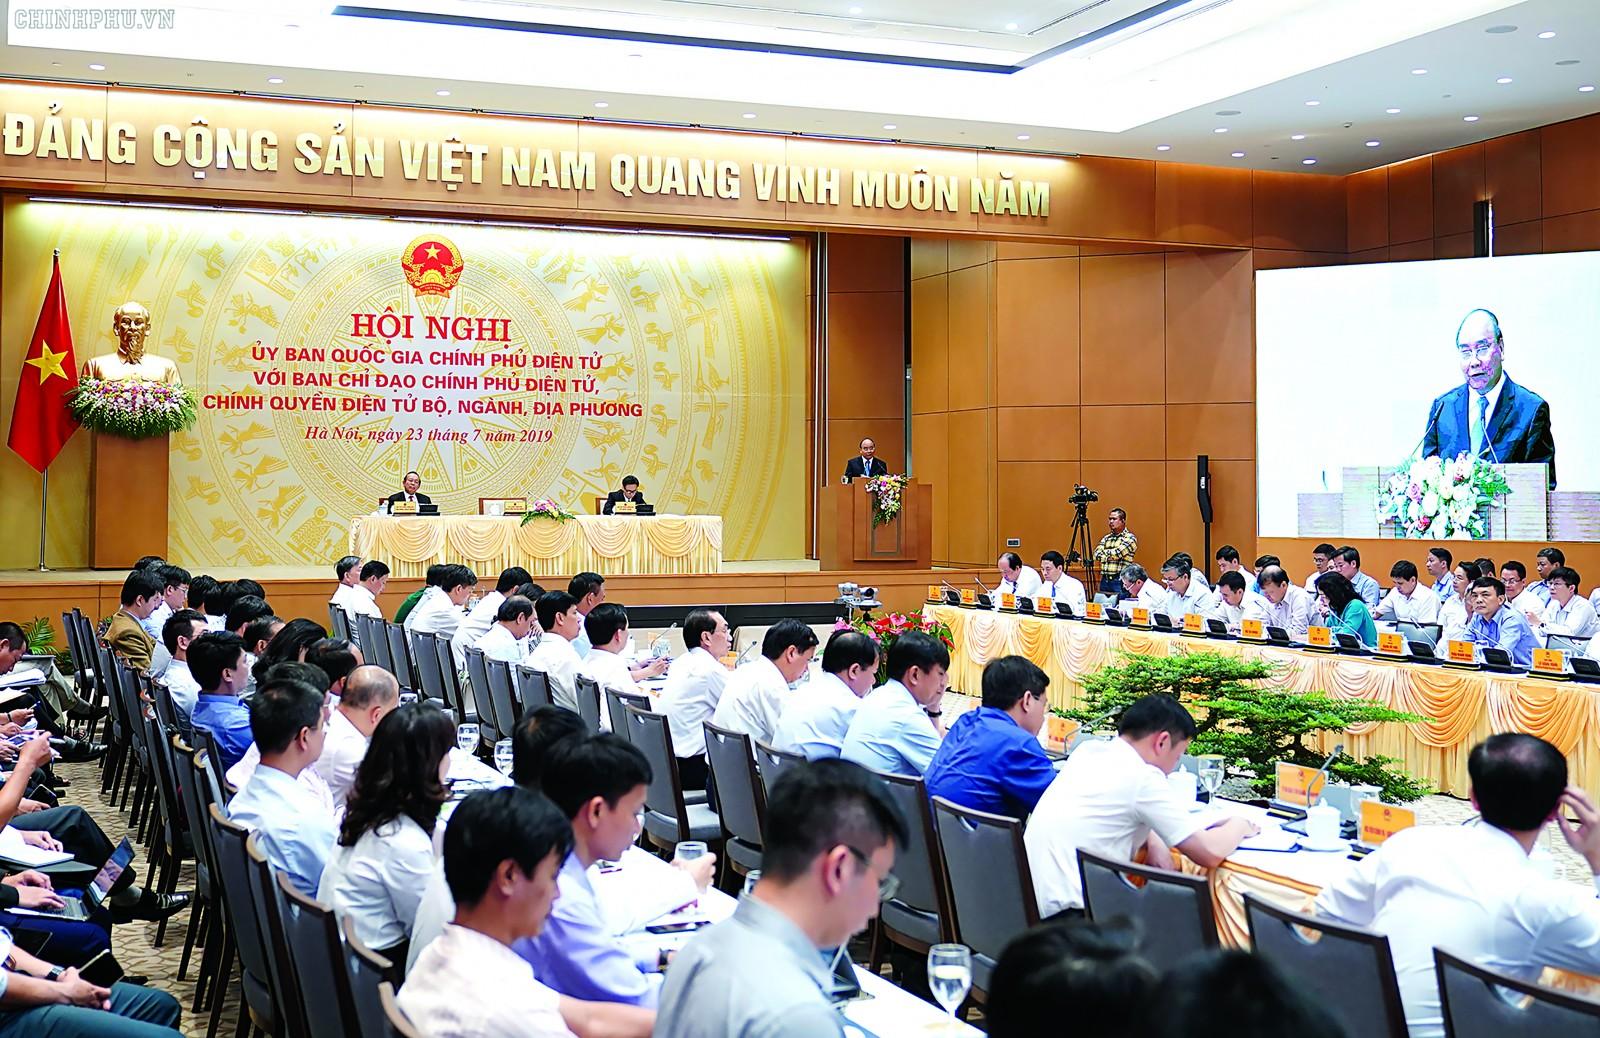 Thủ tướng Nguyễn Xuân Phúc, Chủ tịch Ủy ban Quốc gia Chính phủ điện tử phát biểu. Ảnh: VPCP